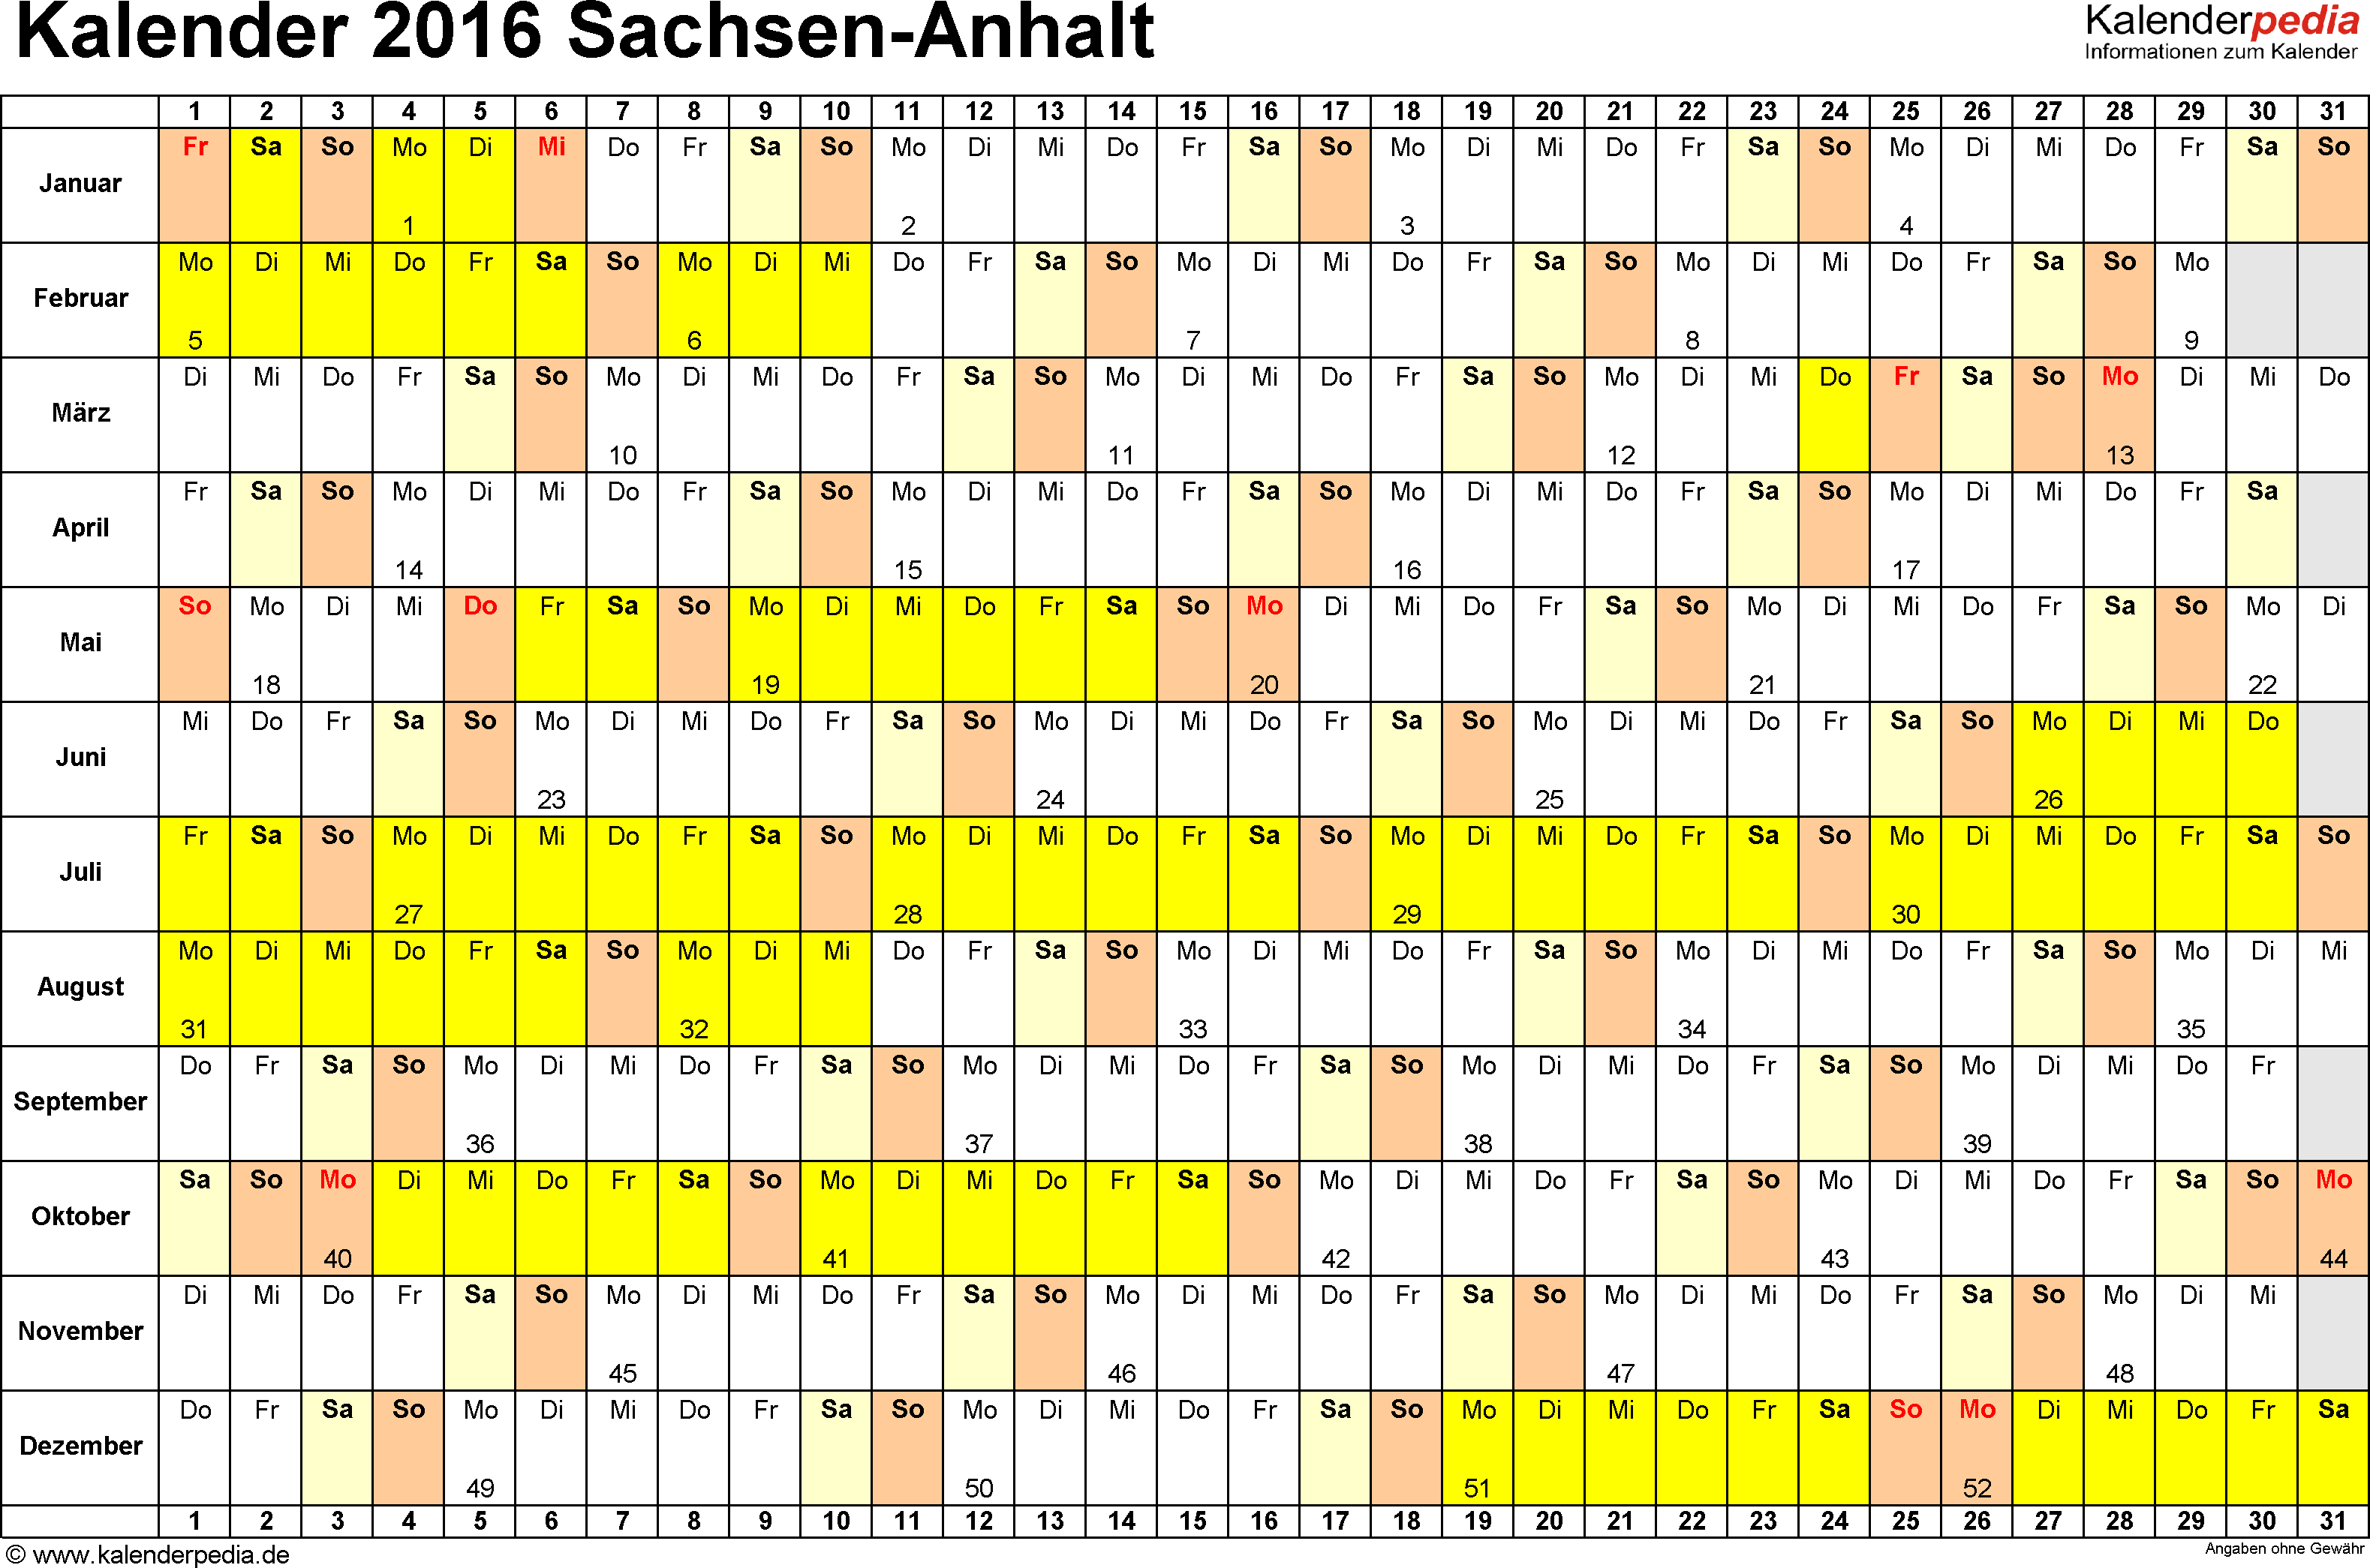 Vorlage 3: Kalender Sachsen-Anhalt 2016 im Querformat, Tage nebeneinander